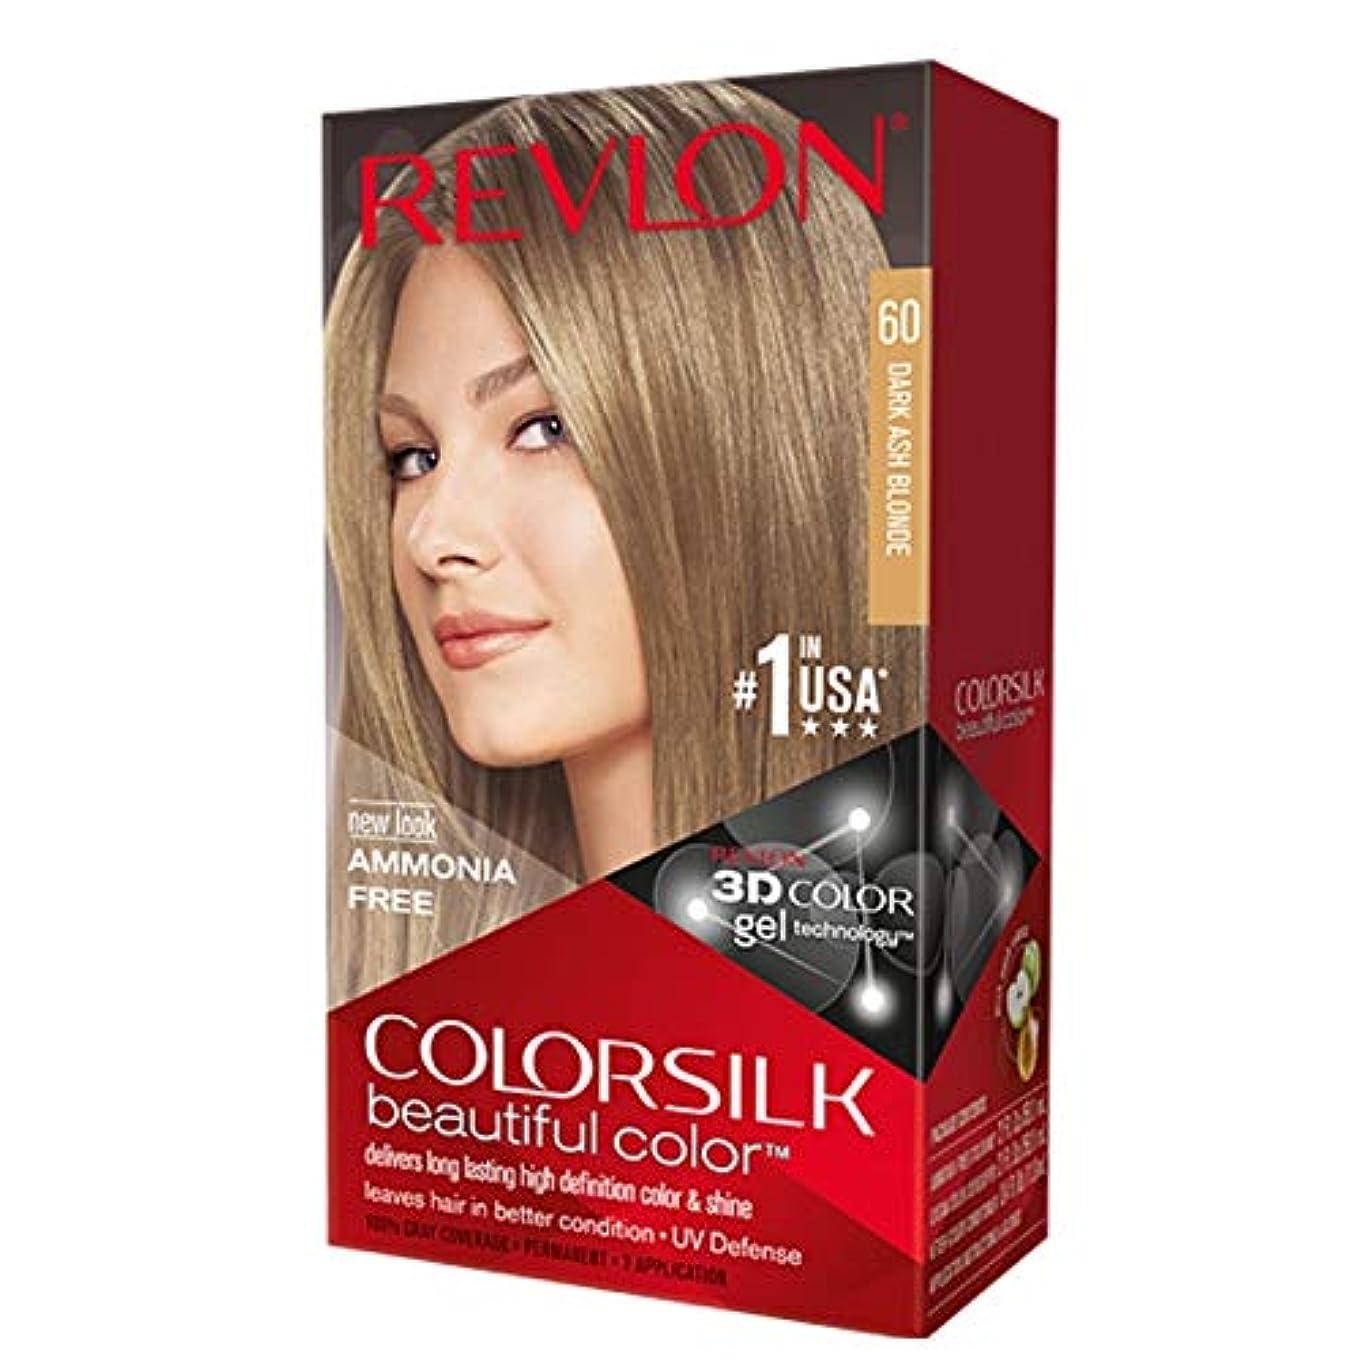 フォーラムジャンピングジャックぼろ海外直送肘 Revlon Colorsilk Natural Hair Color 6A Dark Ash Blonde, 6A Dark Ash Blonde each